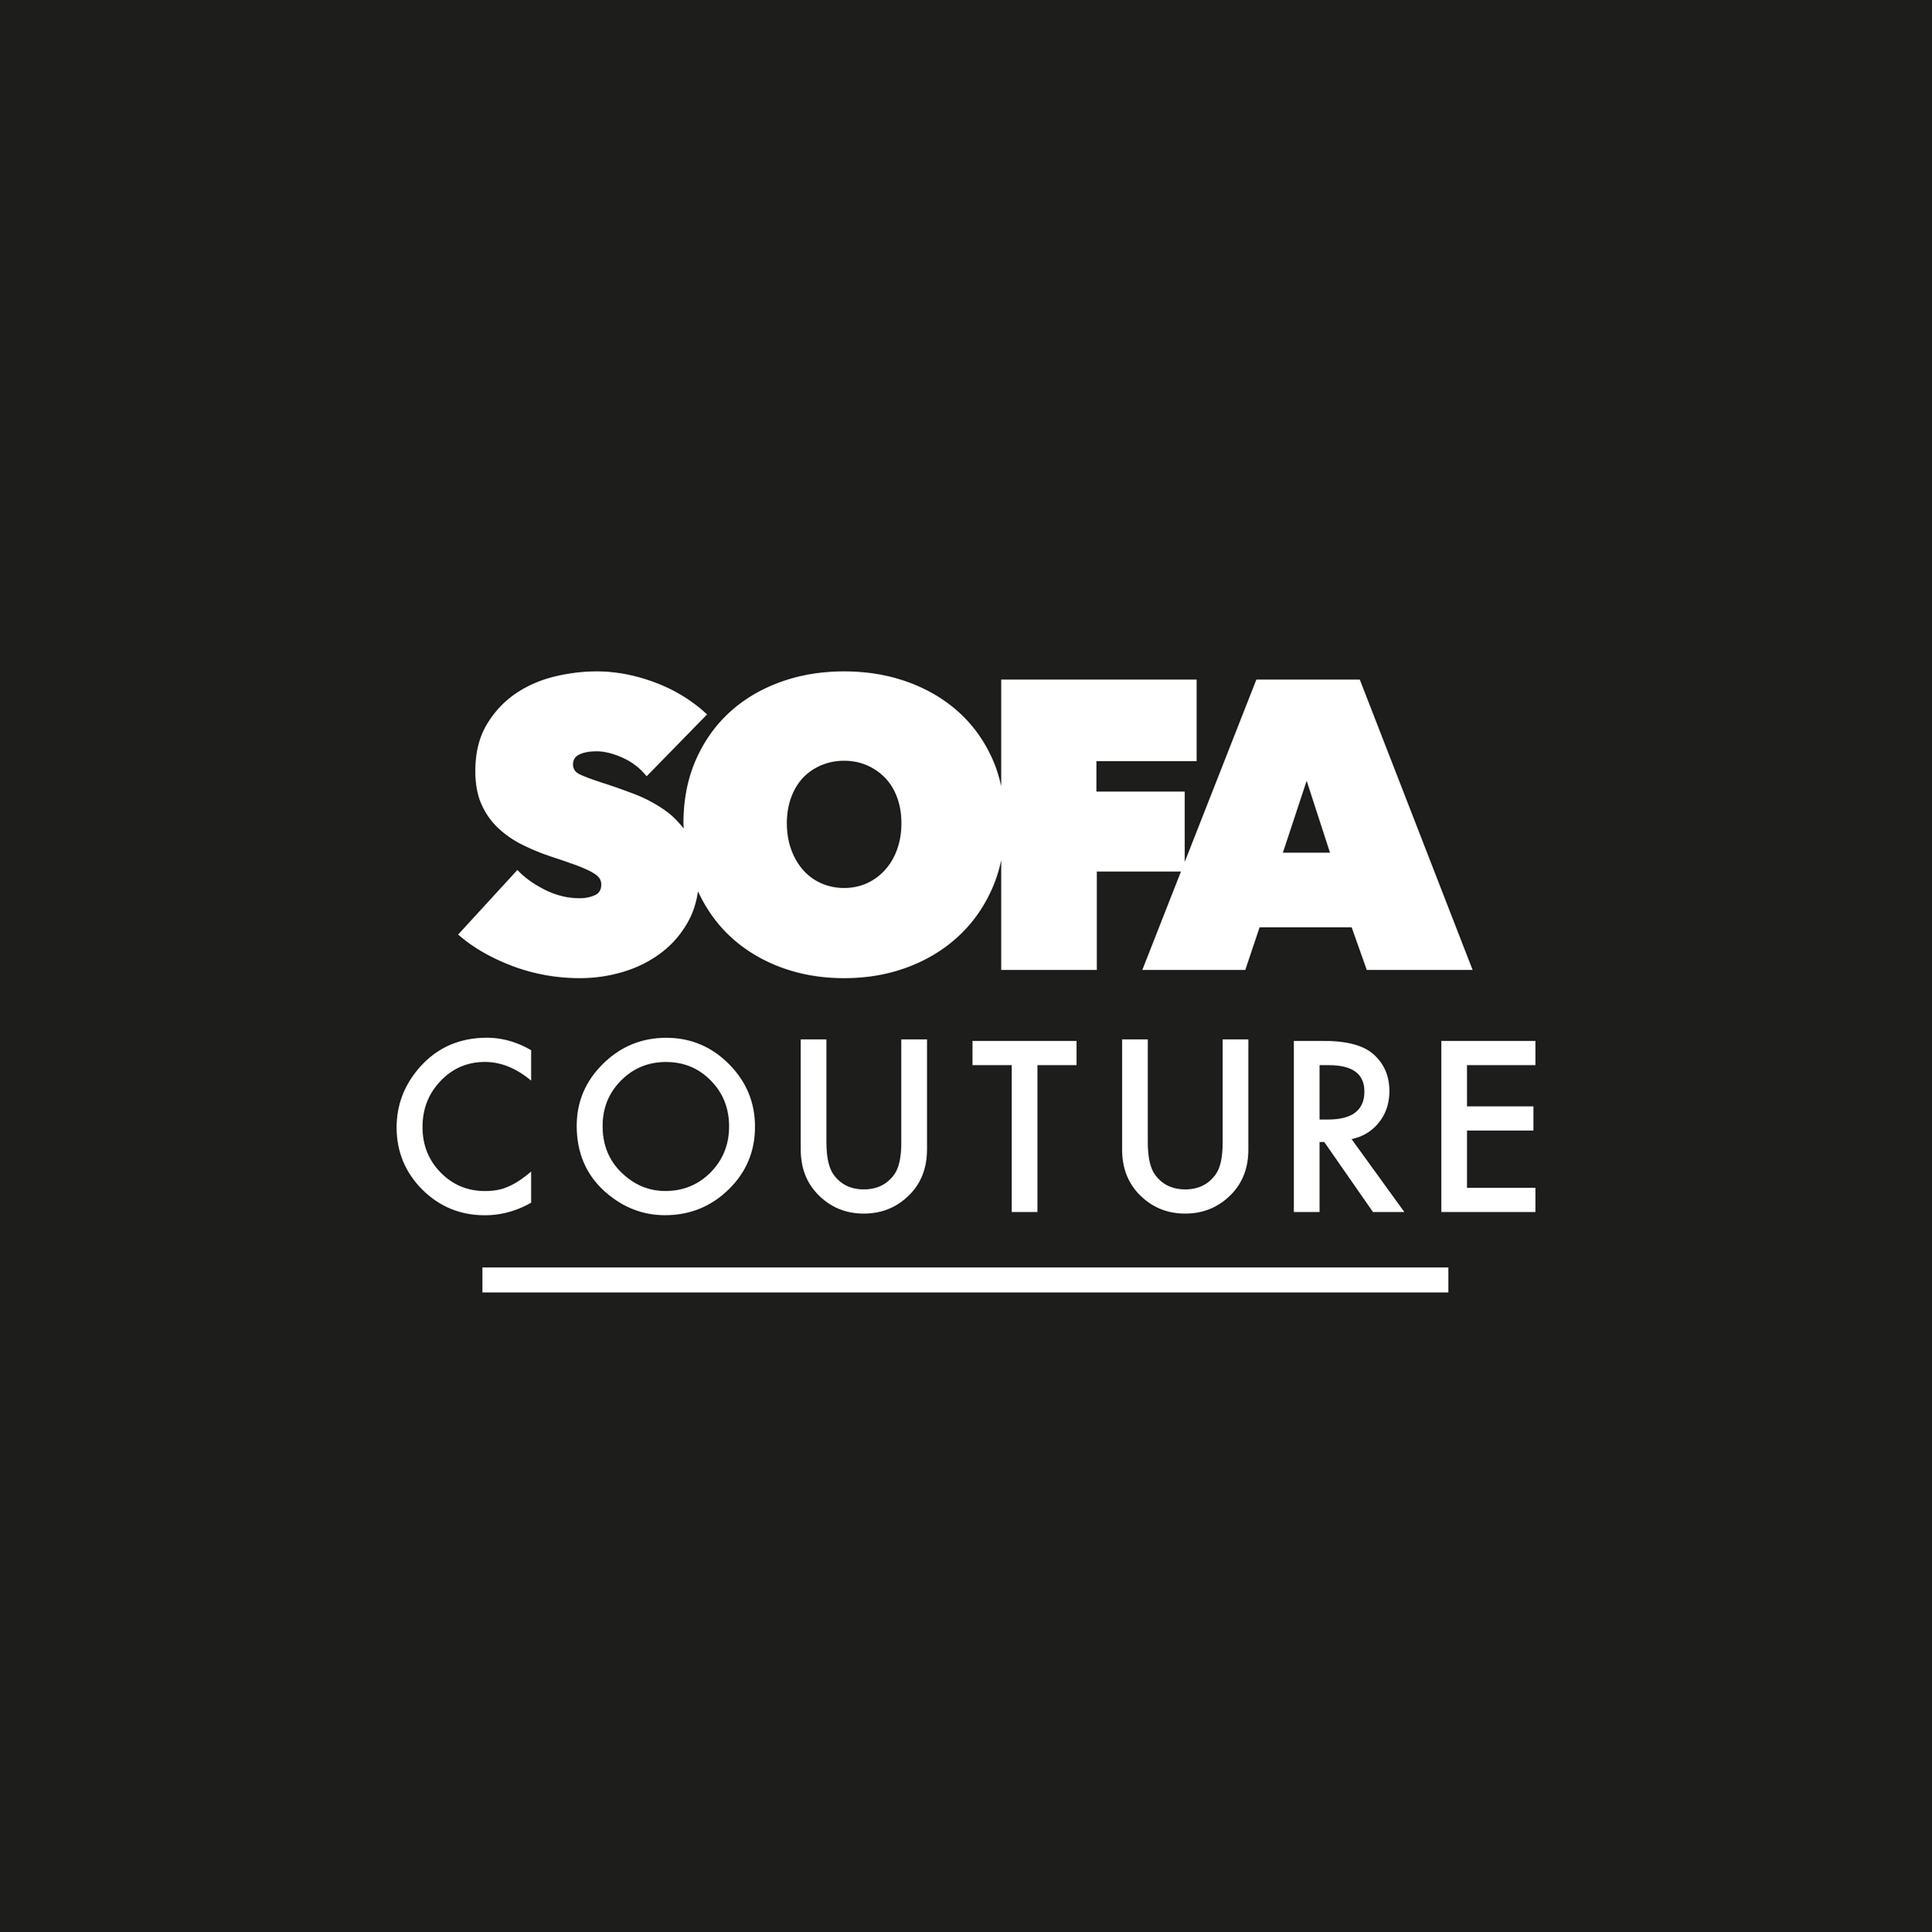 Sofa Couture GmbH